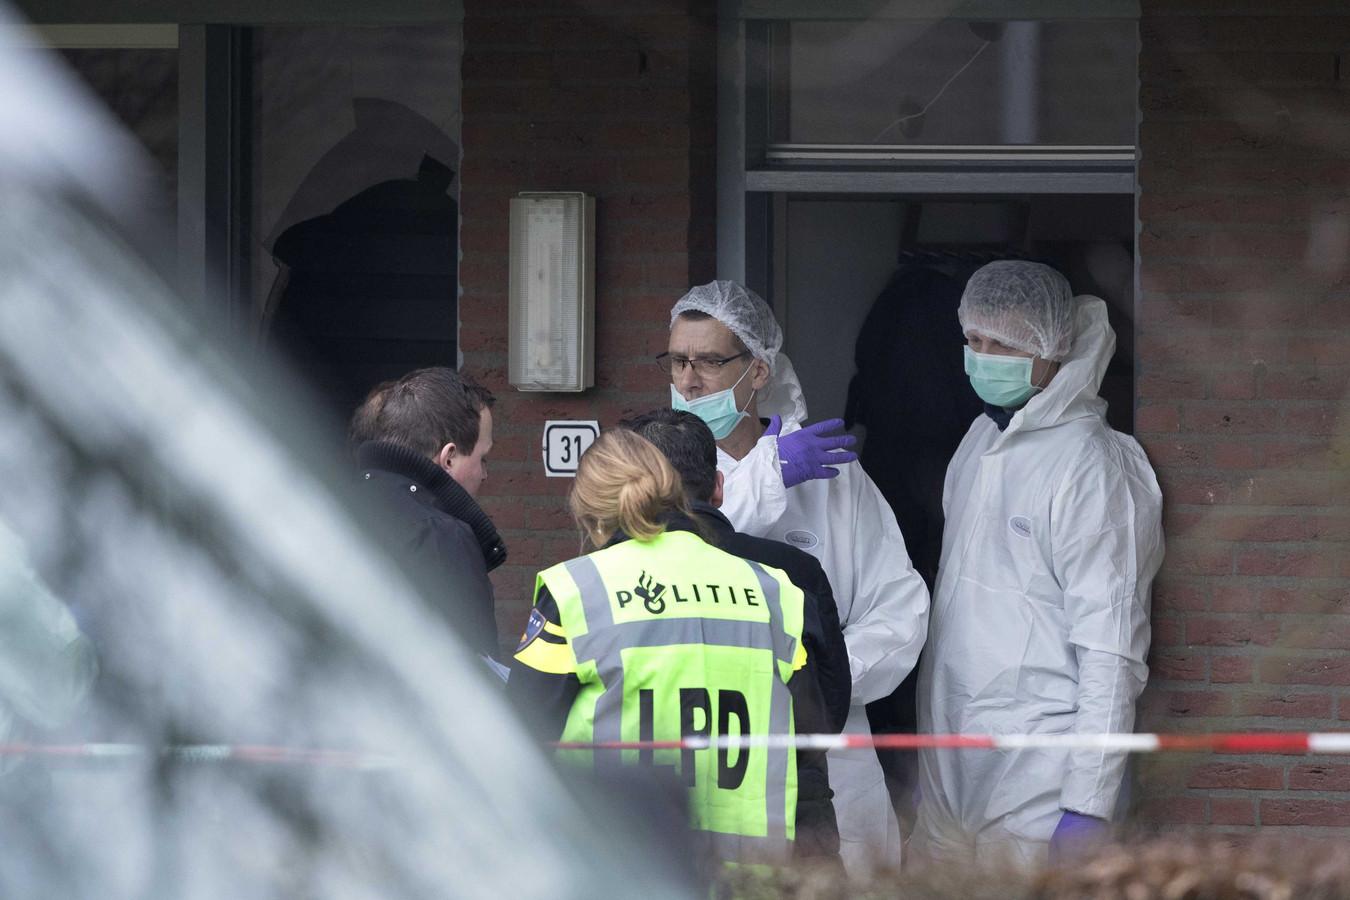 Er wordt de hele dag forensisch onderzoek gedaan op de plaats delict.